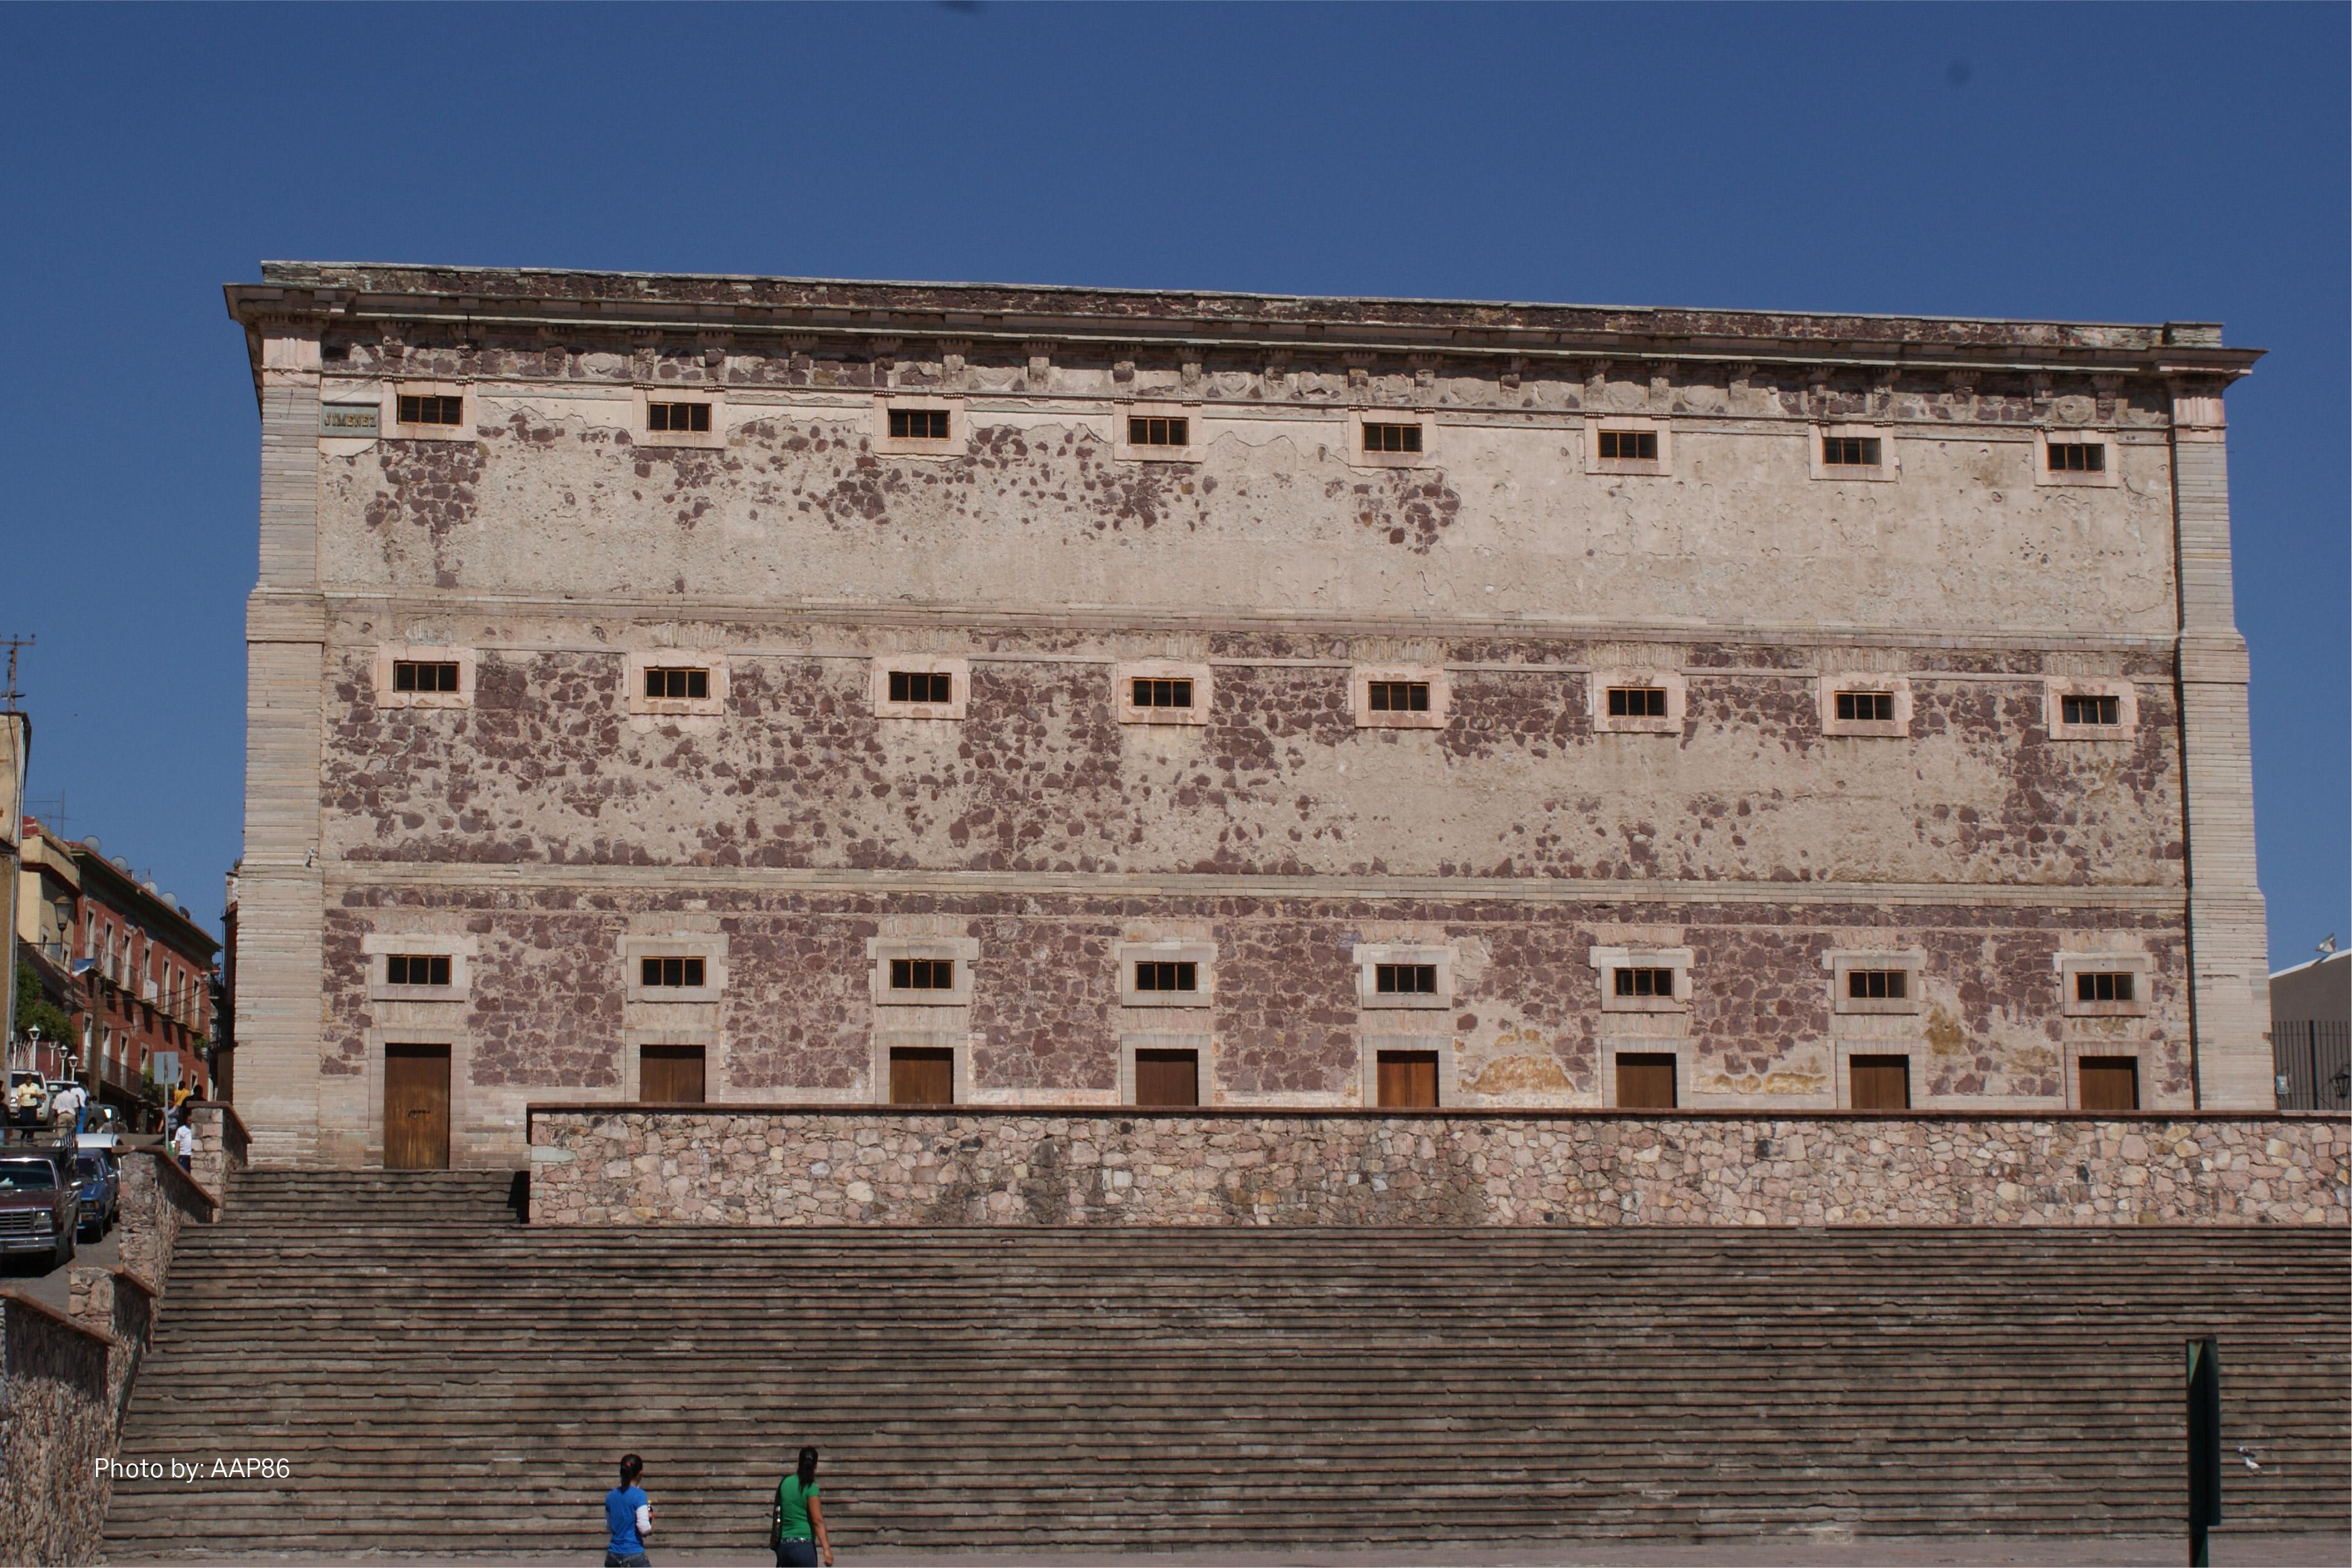 Museo Regional de Guanajuato Alhóndiga de Granaditas